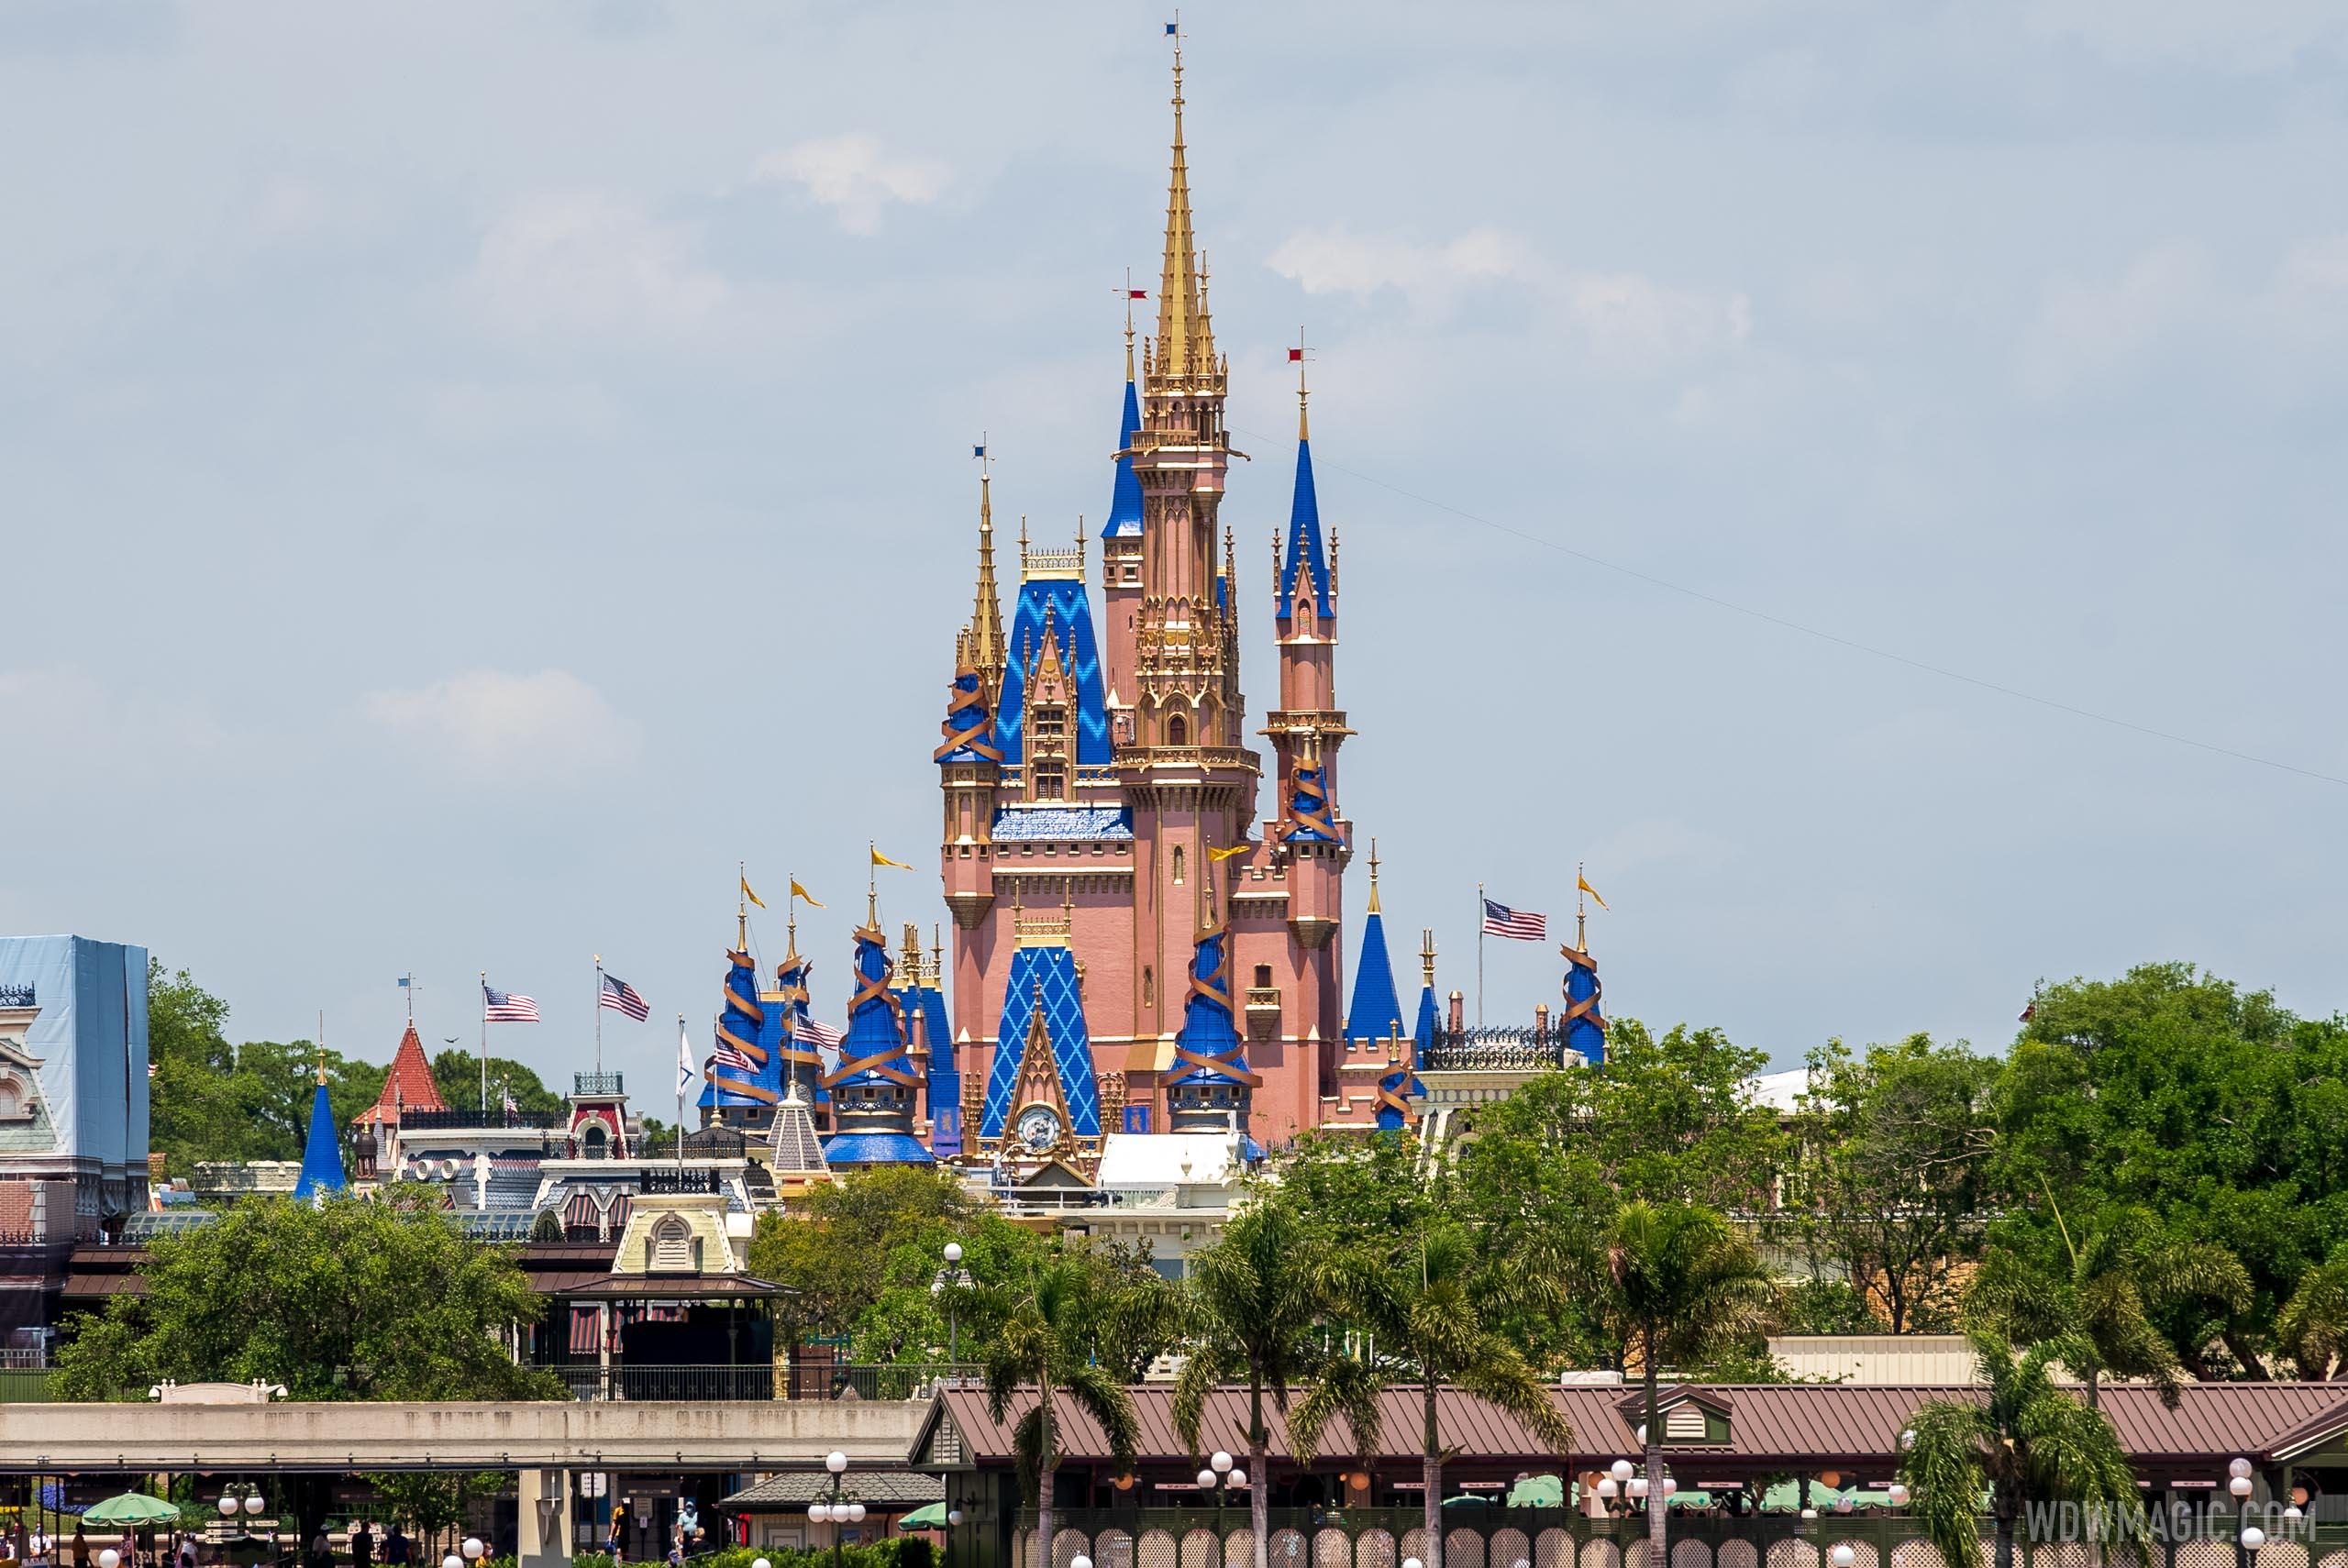 50th anniversary Cinderella Castle additions - April 15 2021